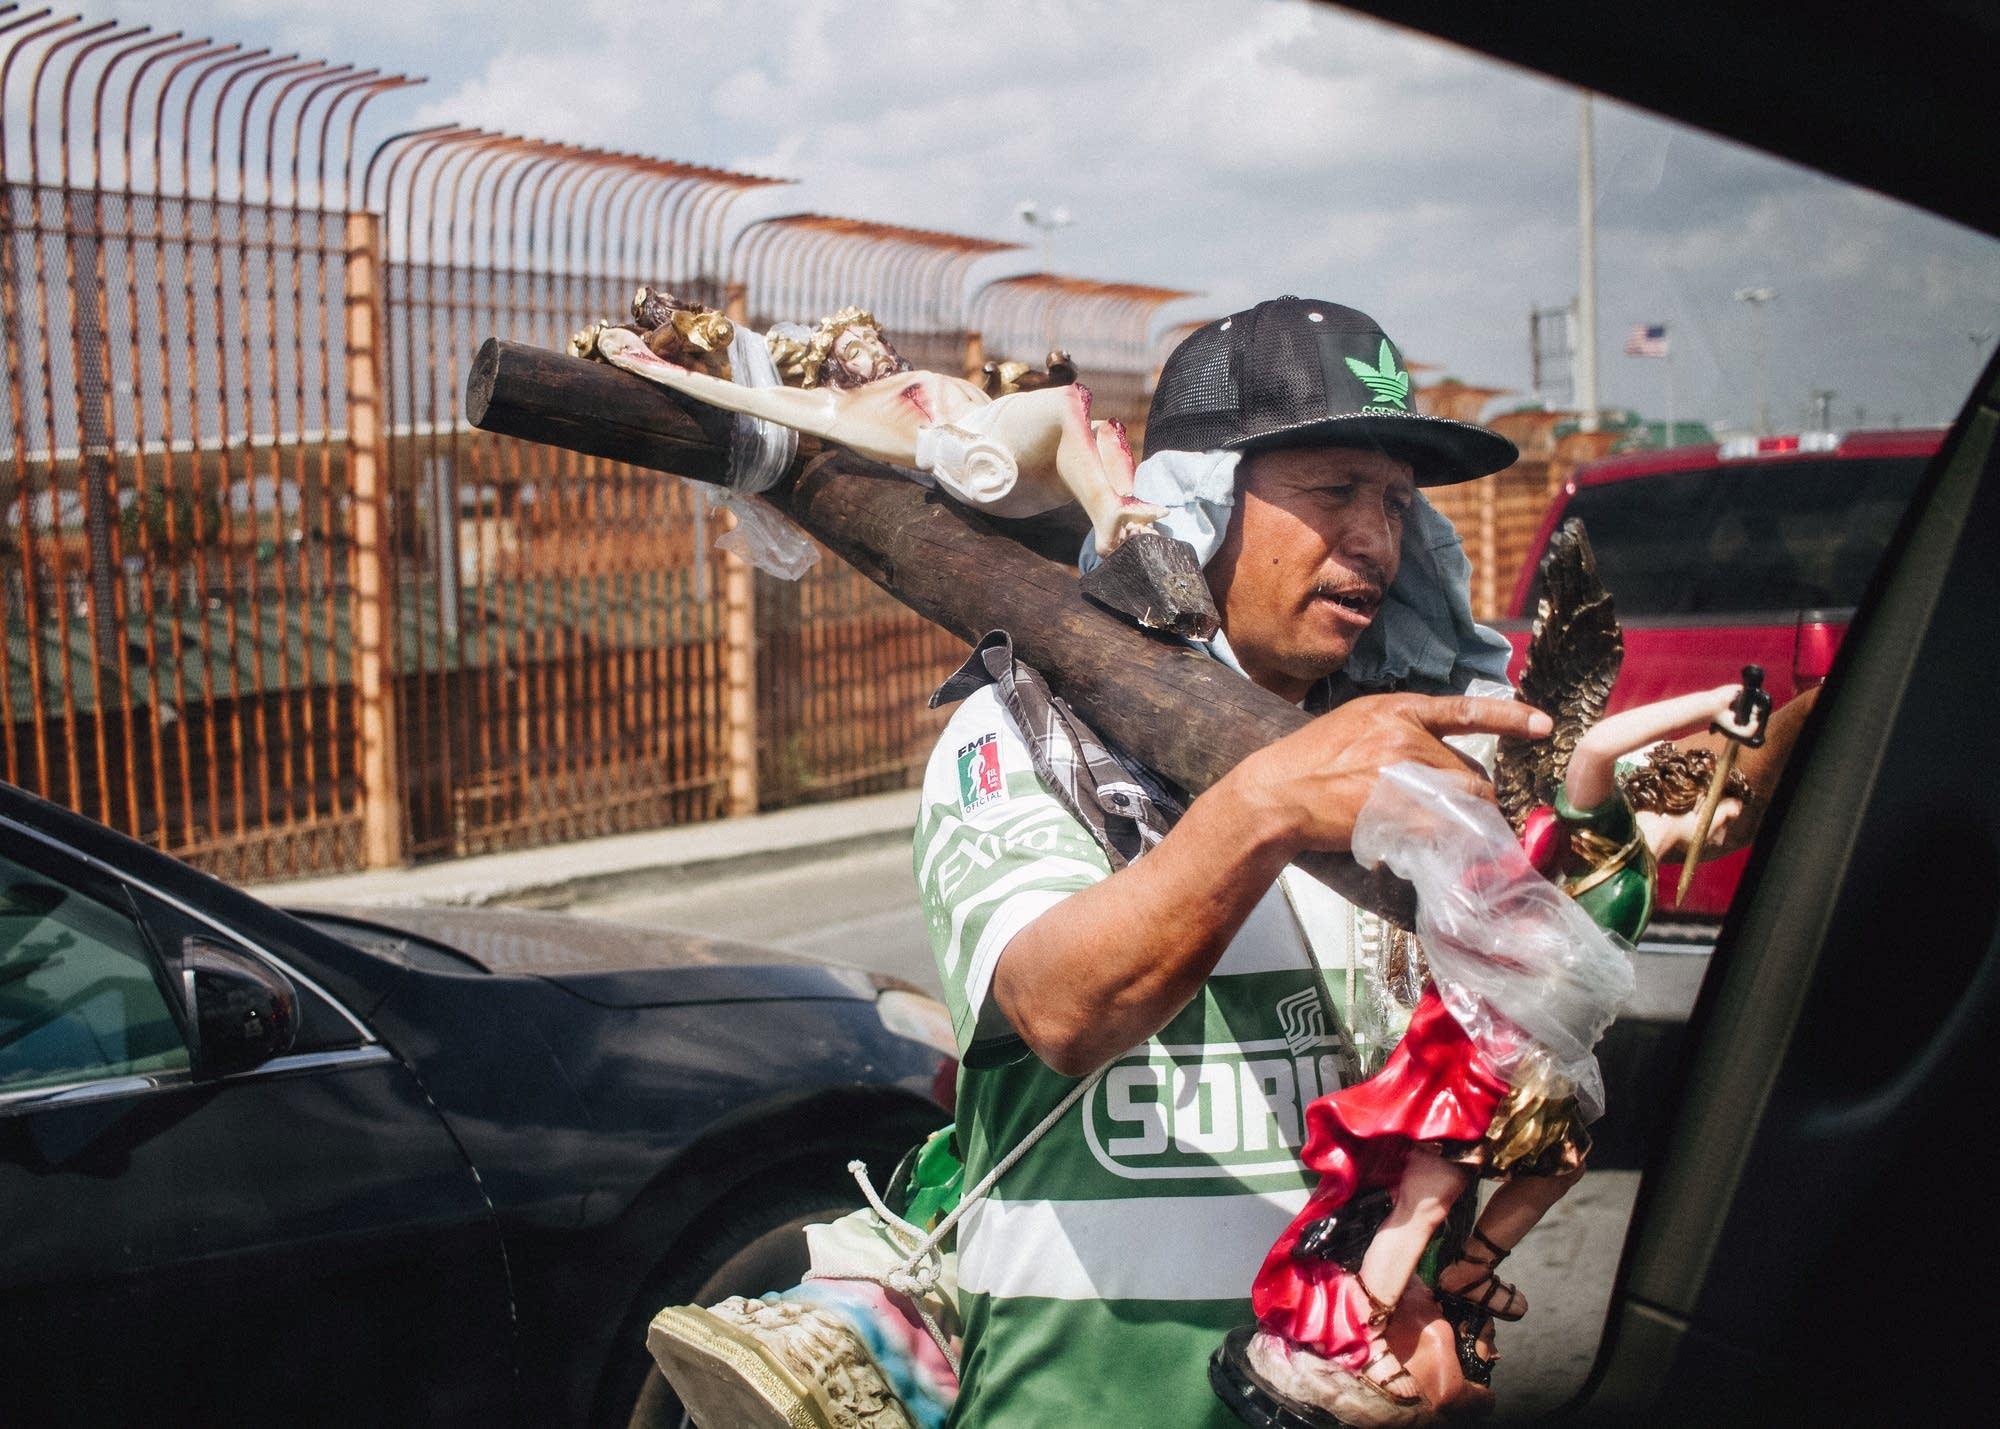 A street vendor in Mexico